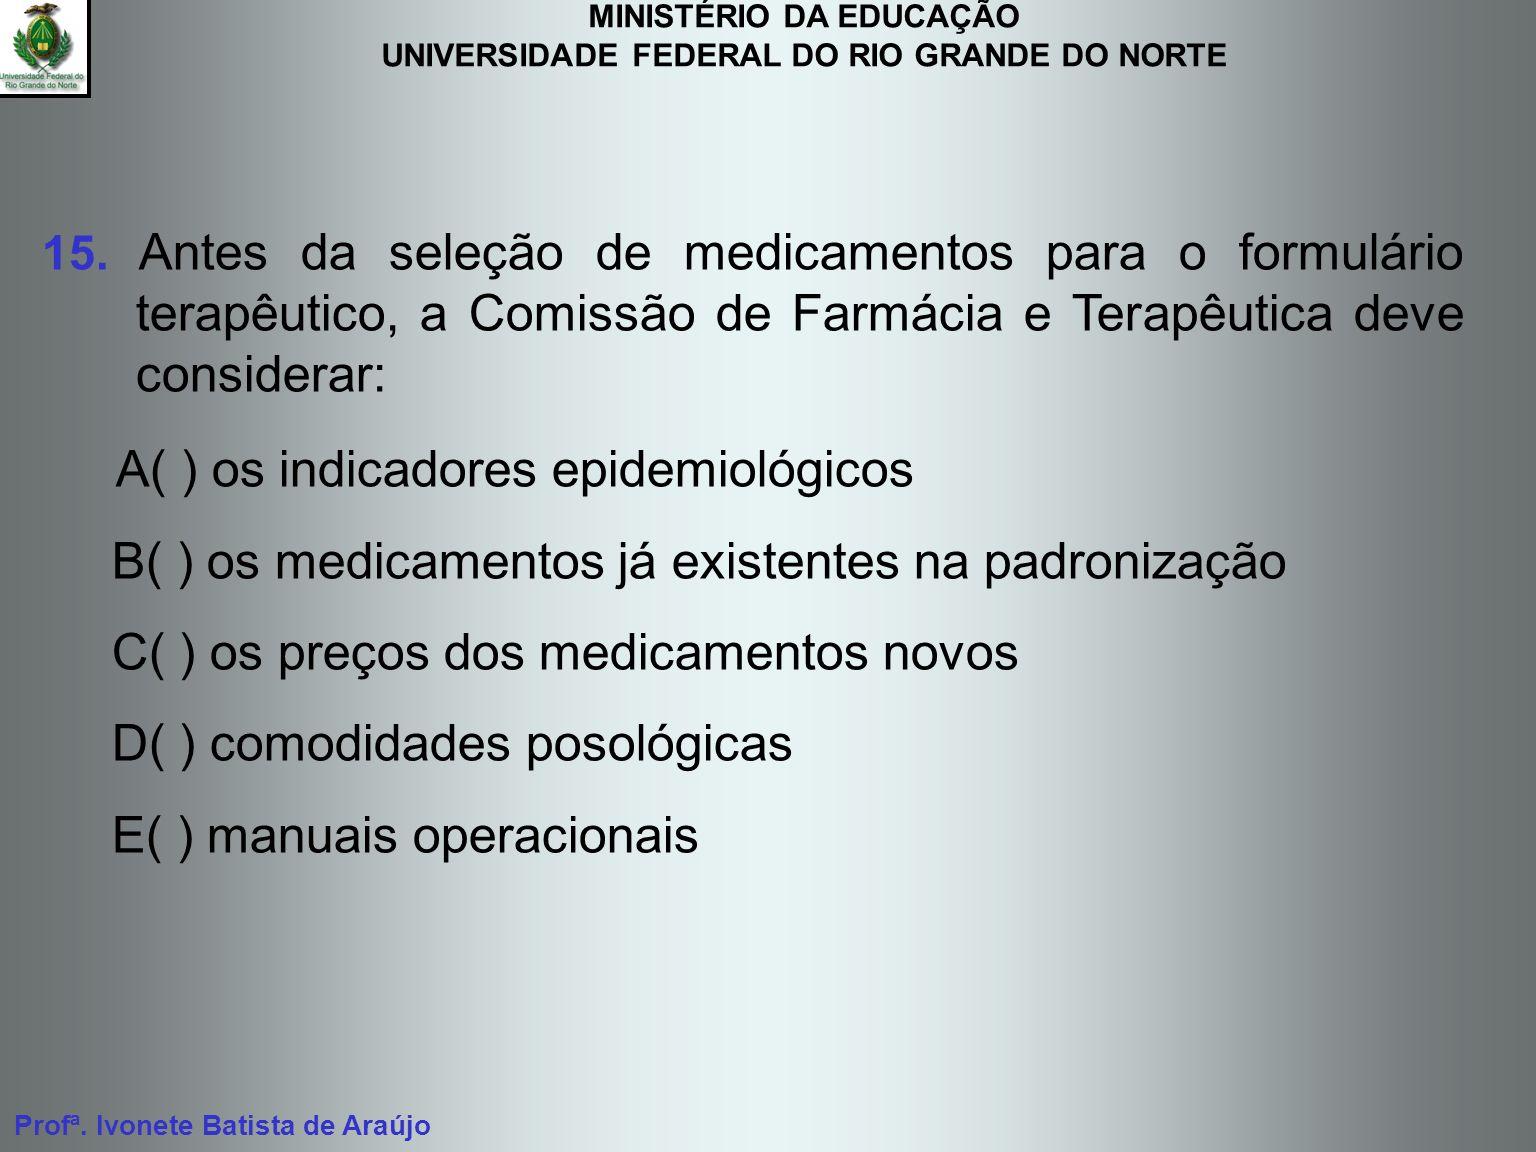 MINISTÉRIO DA EDUCAÇÃO UNIVERSIDADE FEDERAL DO RIO GRANDE DO NORTE Profª. Ivonete Batista de Araújo 15. Antes da seleção de medicamentos para o formul